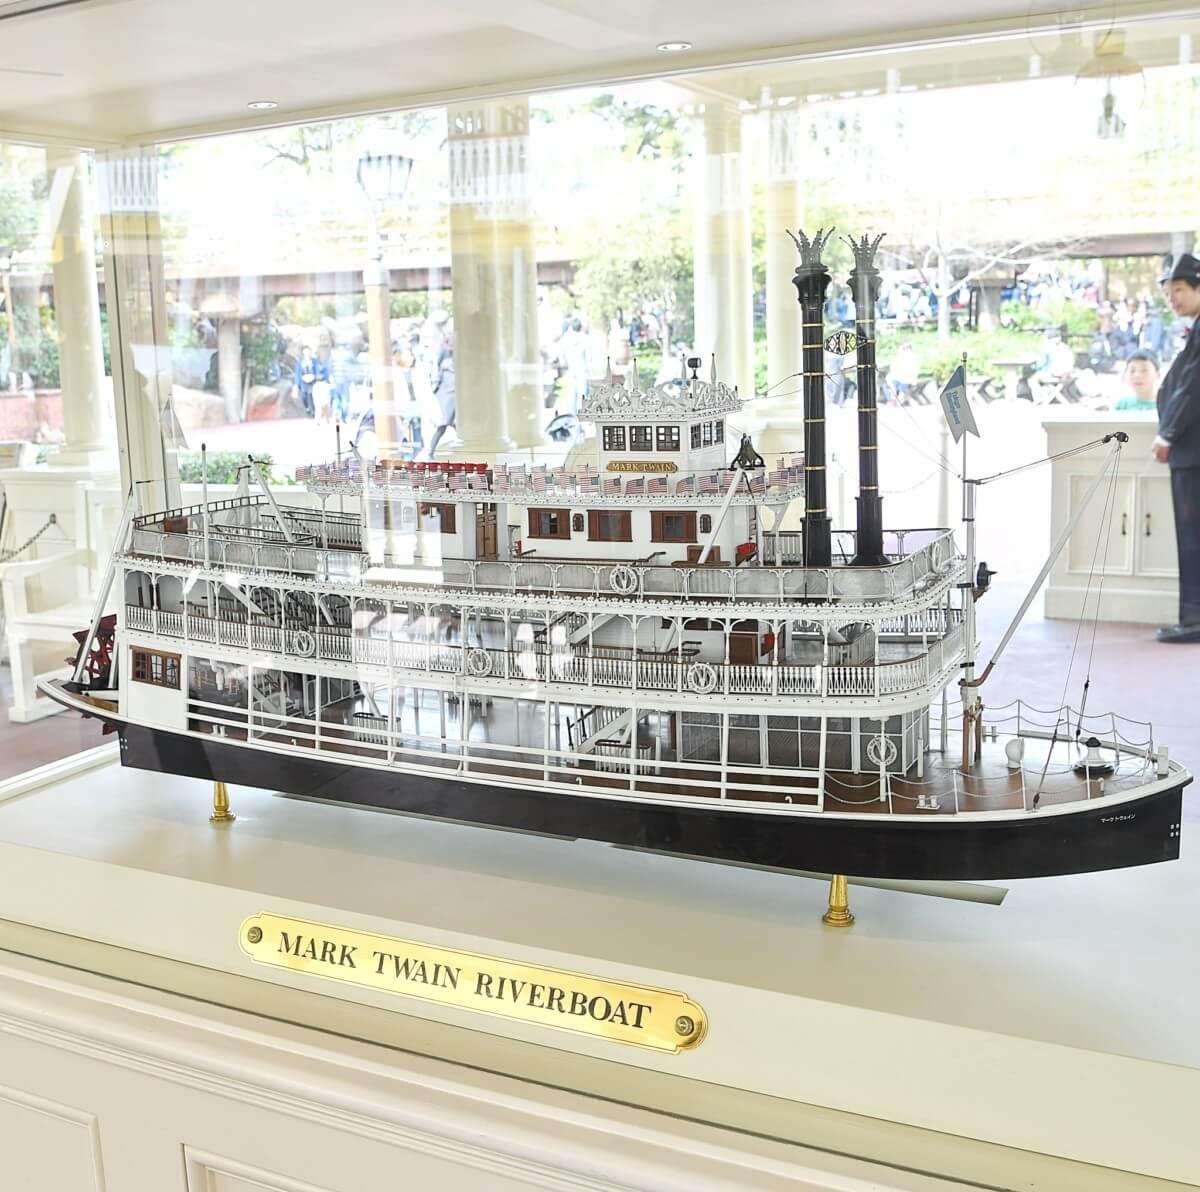 蒸気船マークトウェイン号モデル